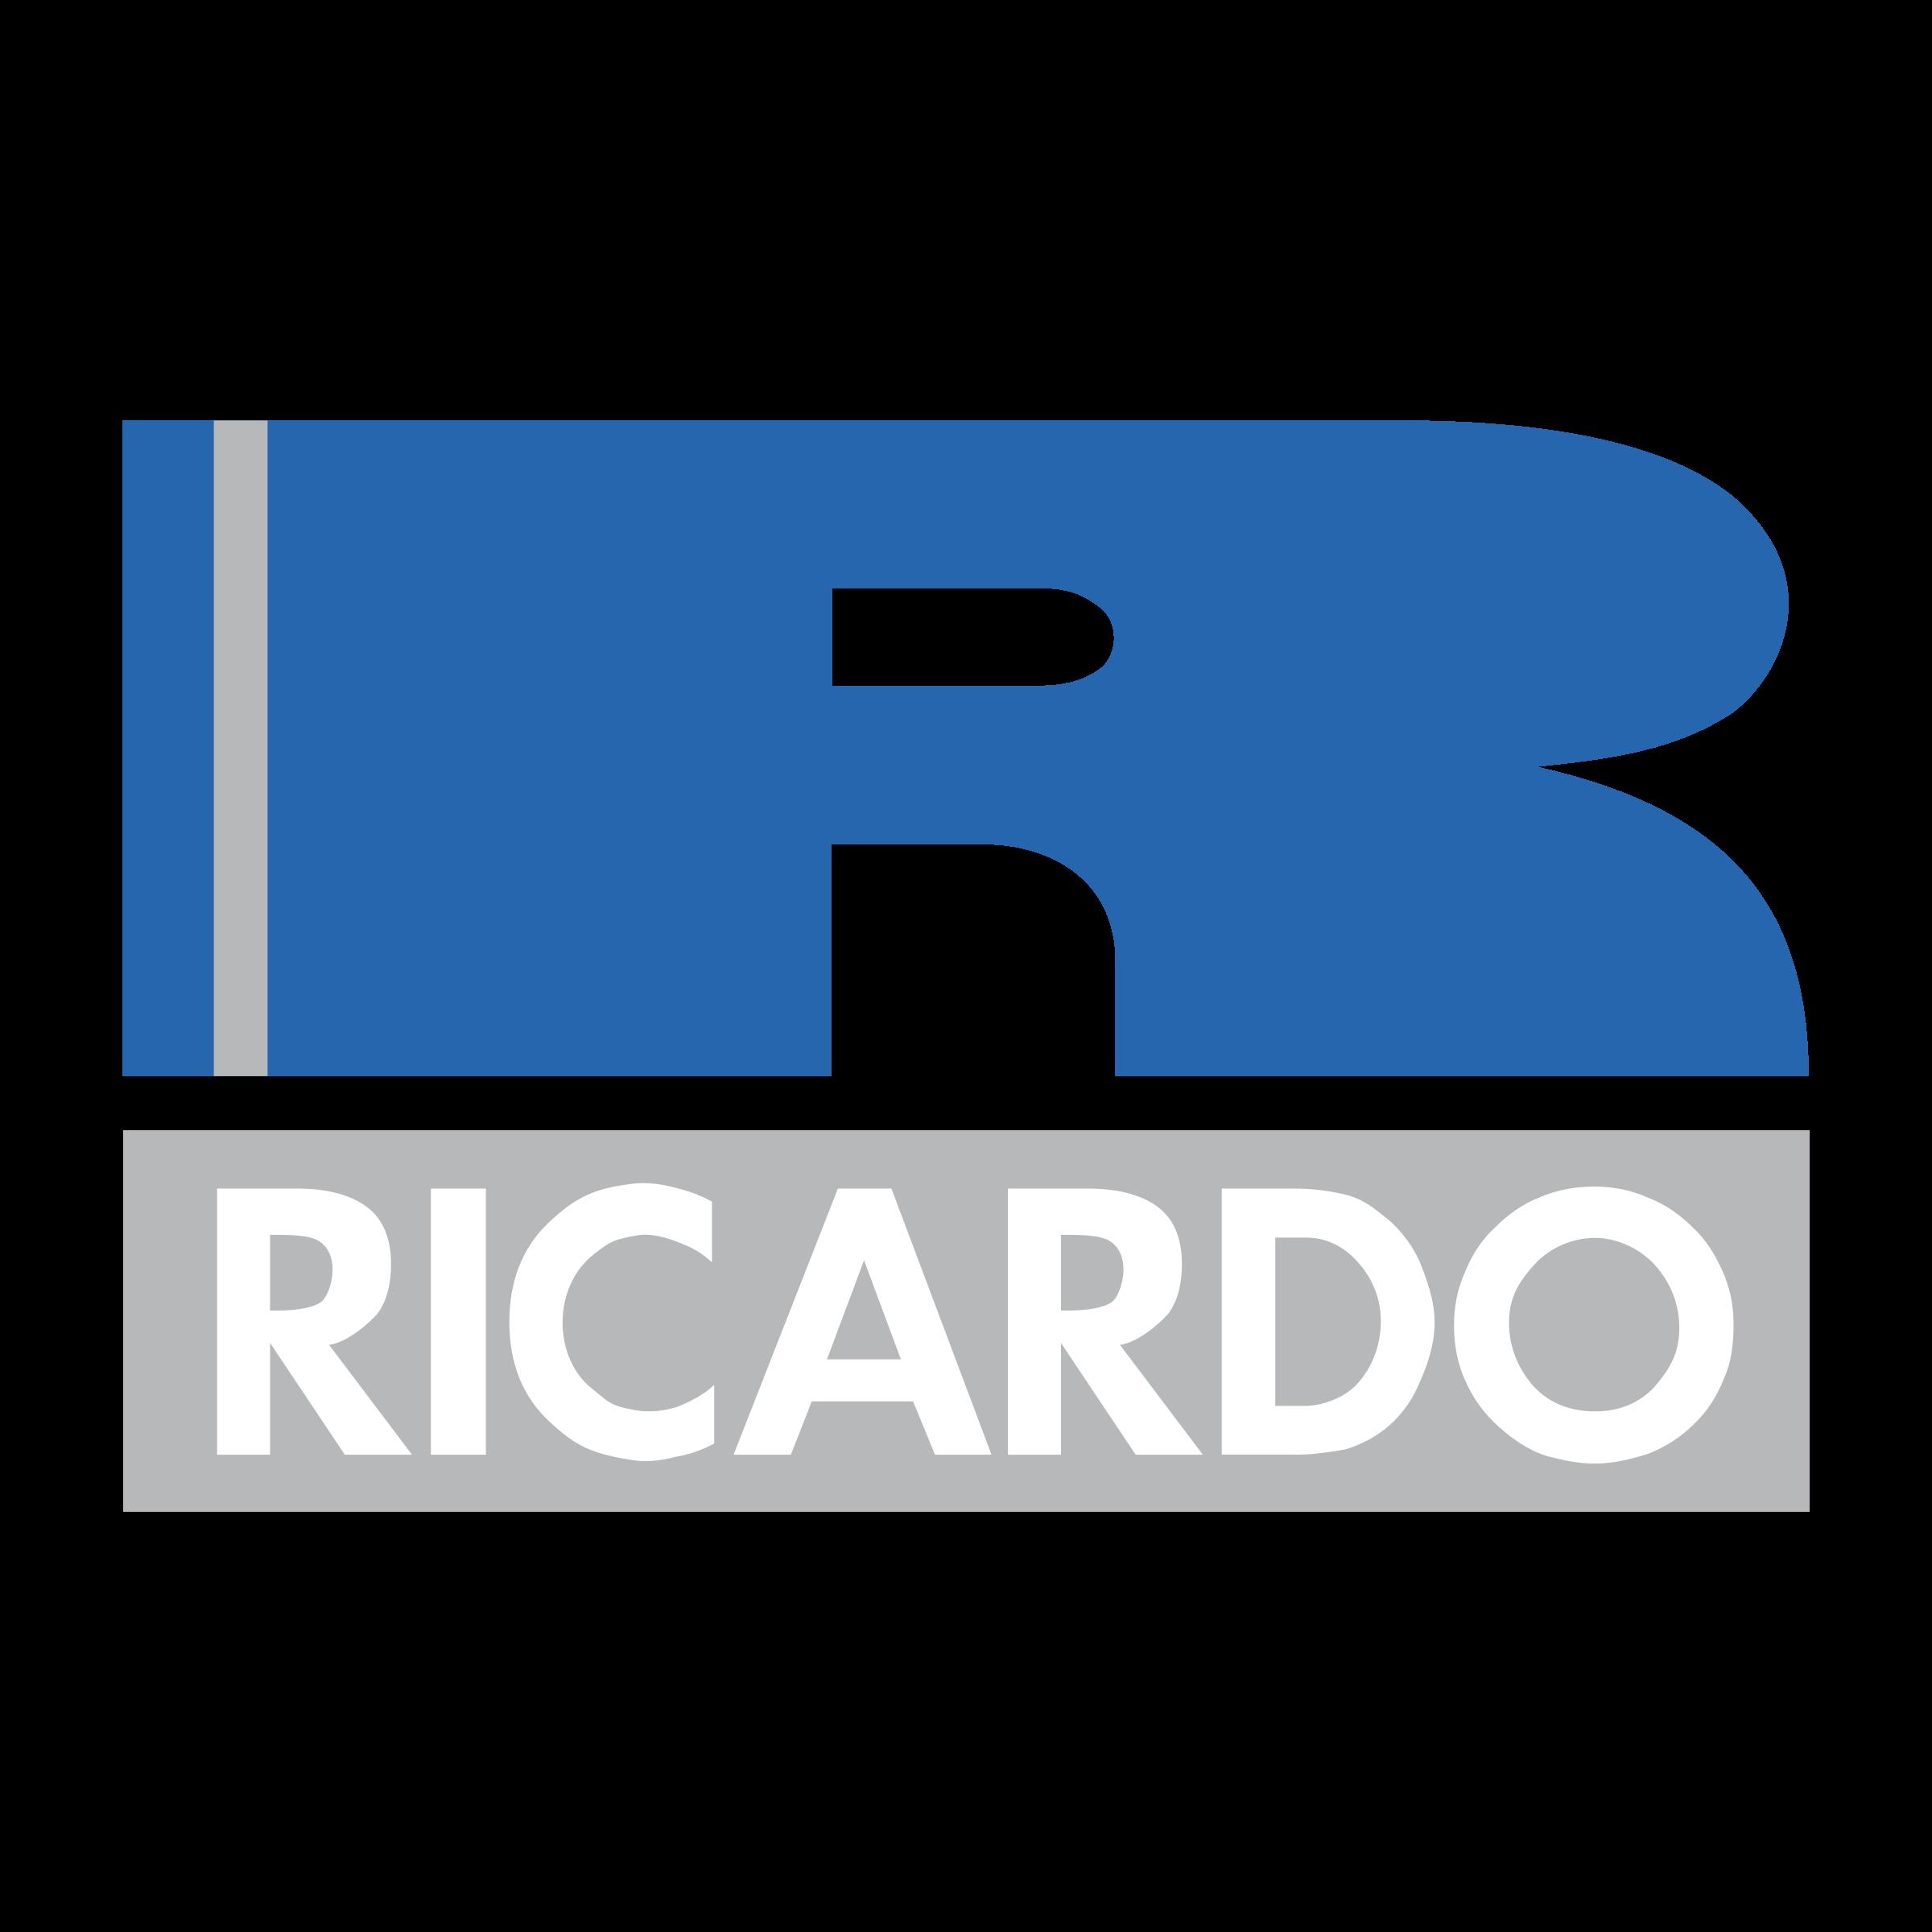 ricardo-logo-png-transparent